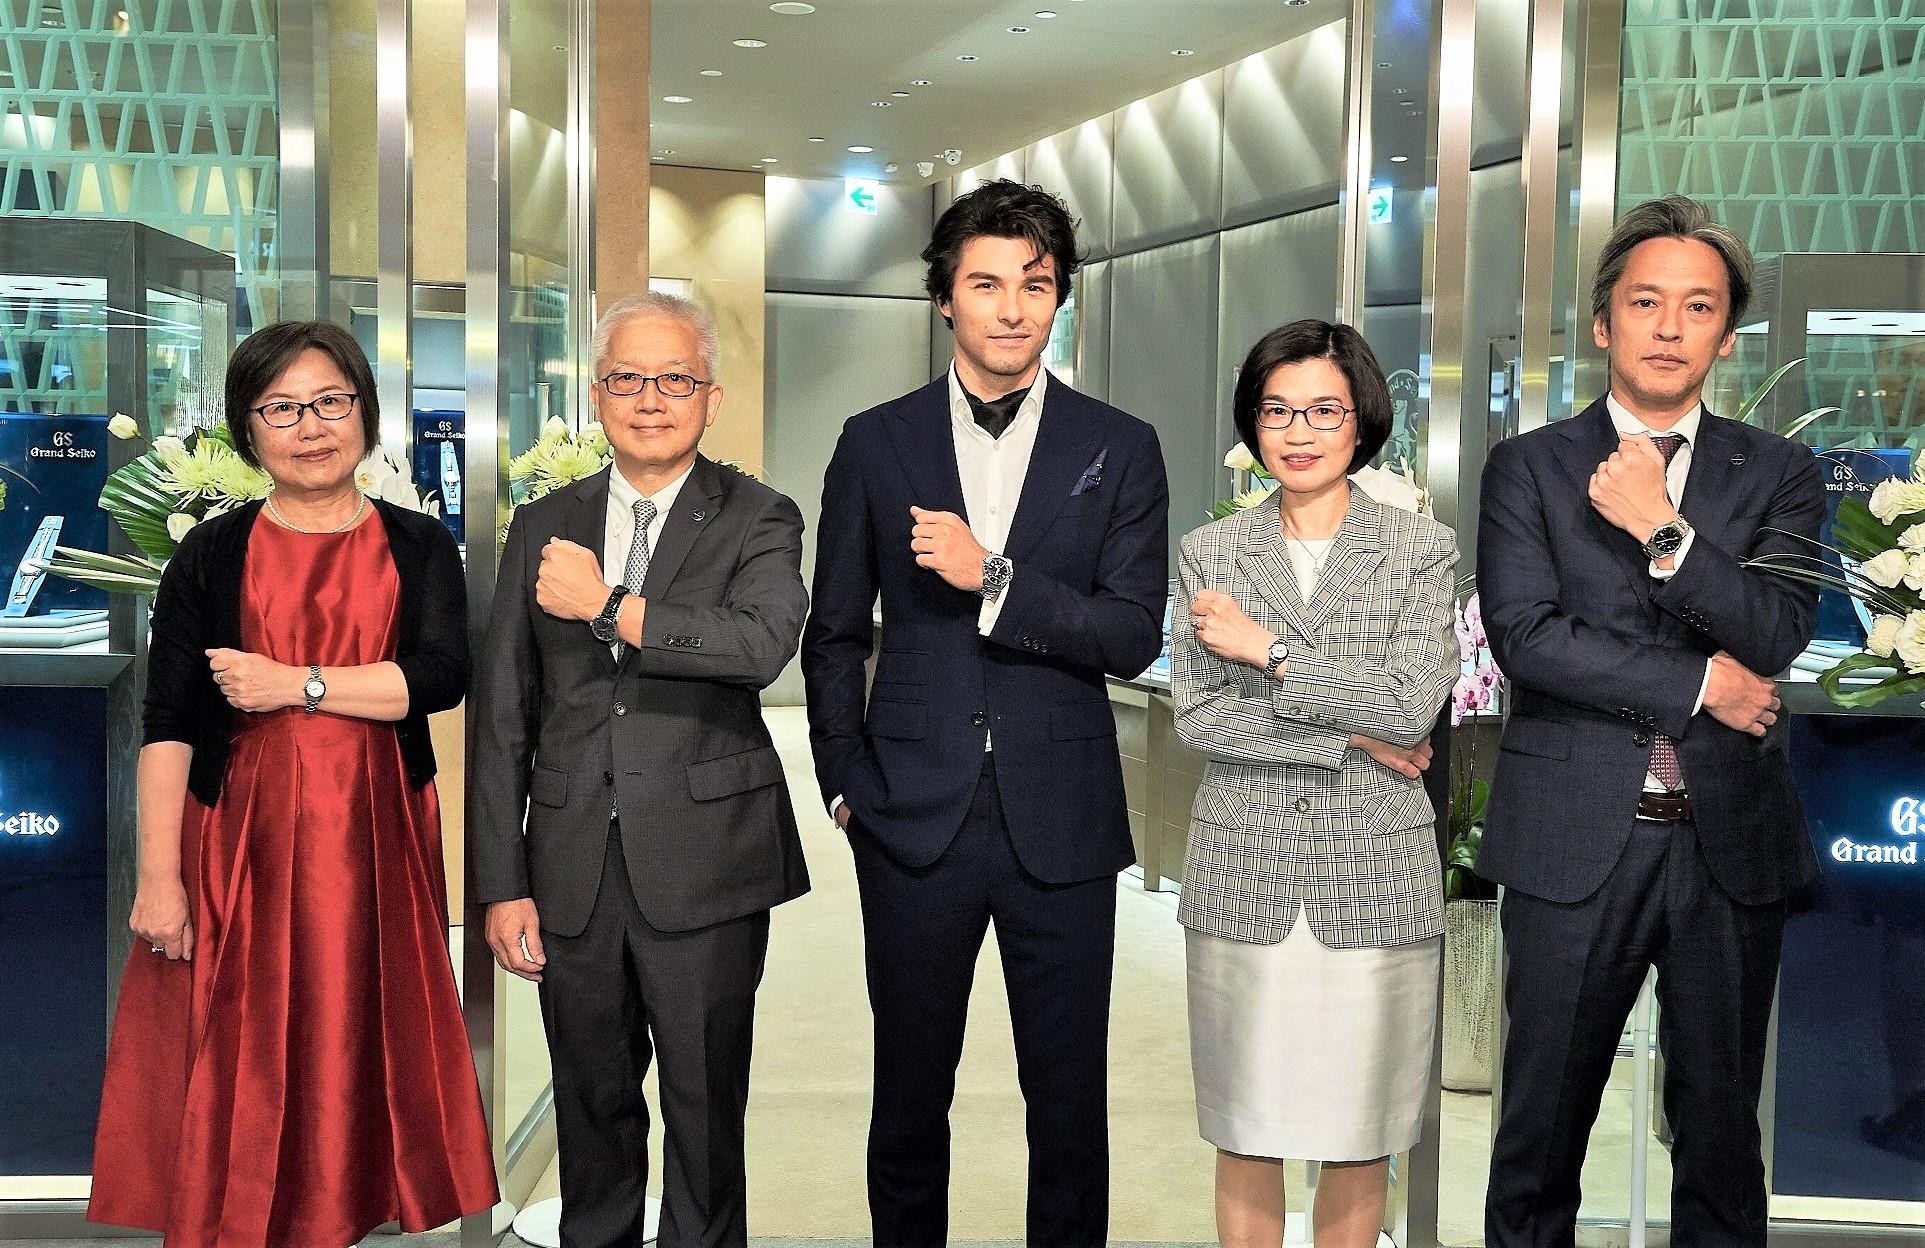 歡慶Grand Seiko創立60周年 台灣首間旗艦店進駐台北101